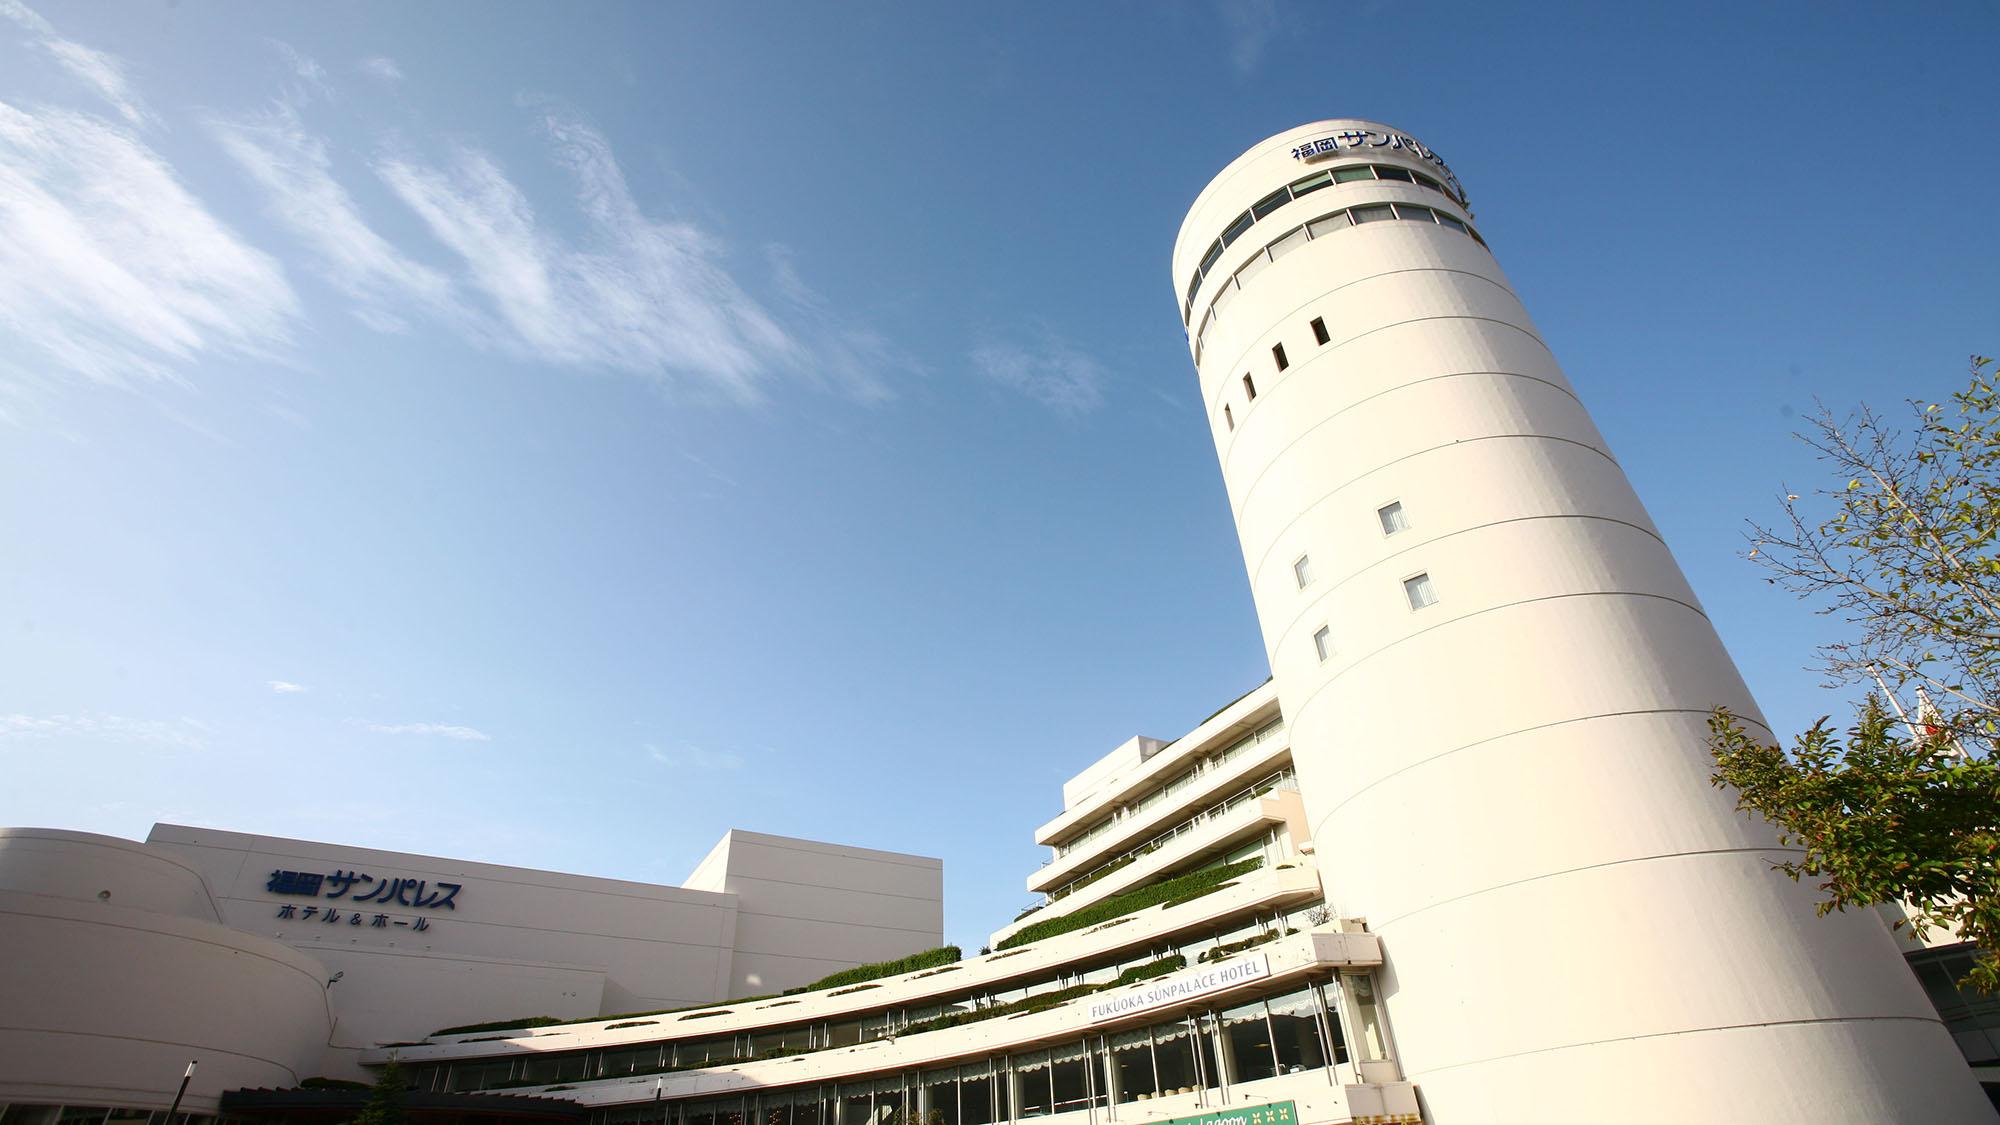 福岡サンパレスホテル&ホール